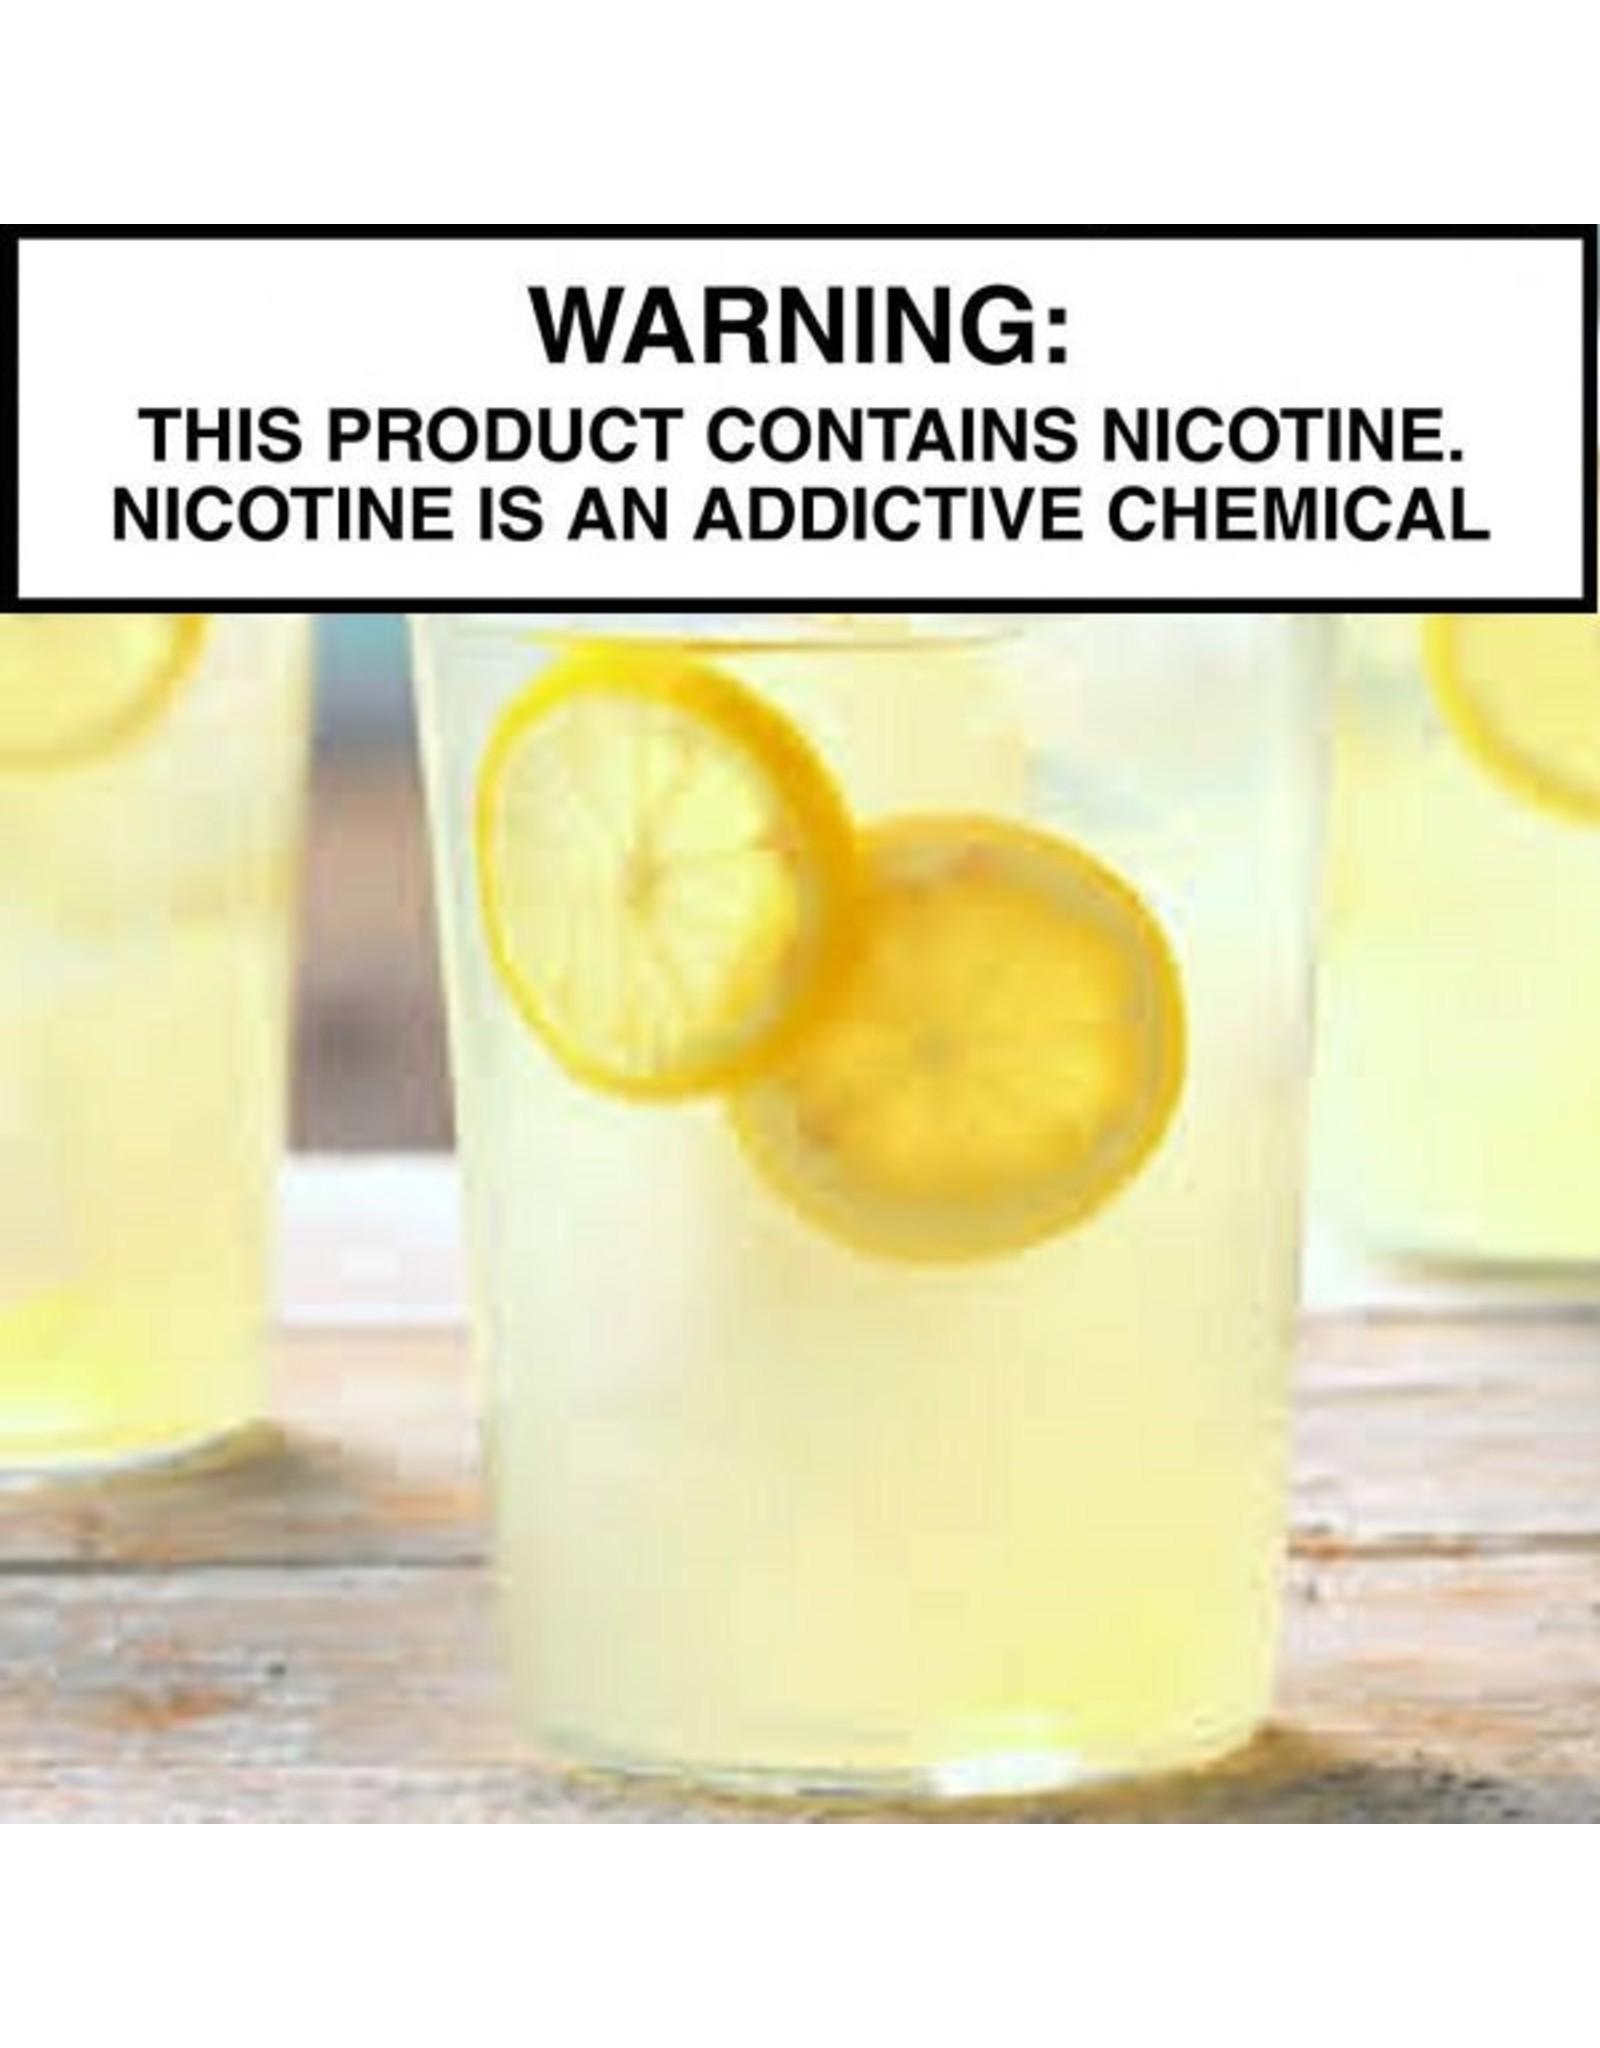 N2 Vapes House Juice Lemonade E-Juice